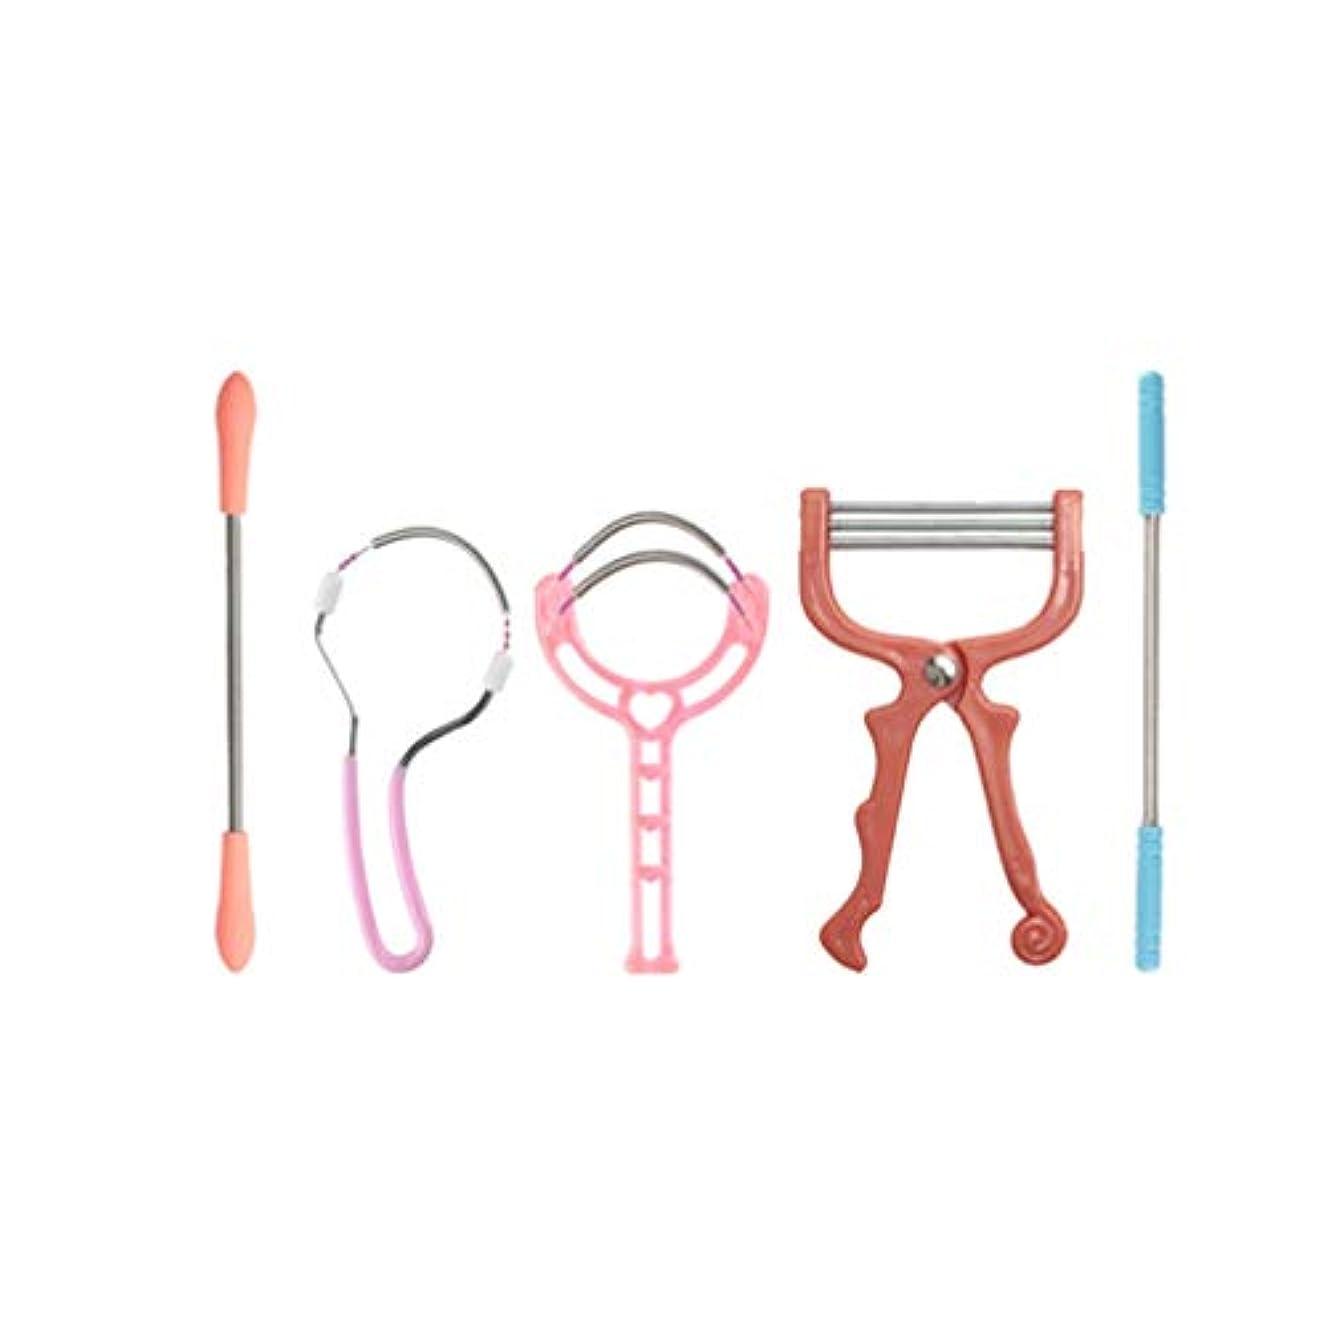 与えるマット過敏なHealifty 女性のクリニークのための脱毛春の脱毛スレッドコイル美容ツール(ランダムカラー)